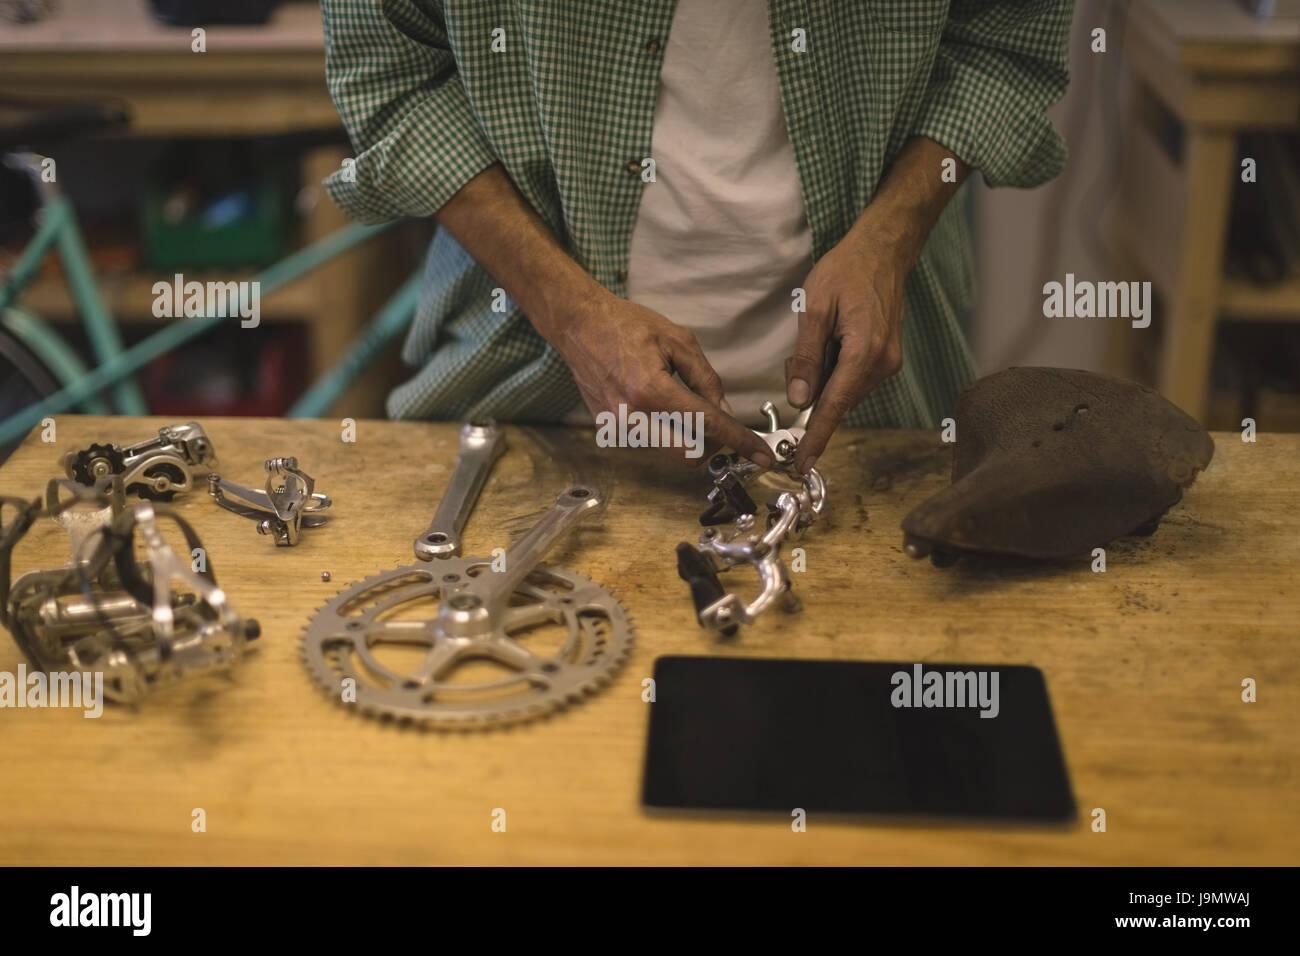 La sección central de trabajadores reparando bicicletas en la pieza en la mesa taller de reparación Imagen De Stock